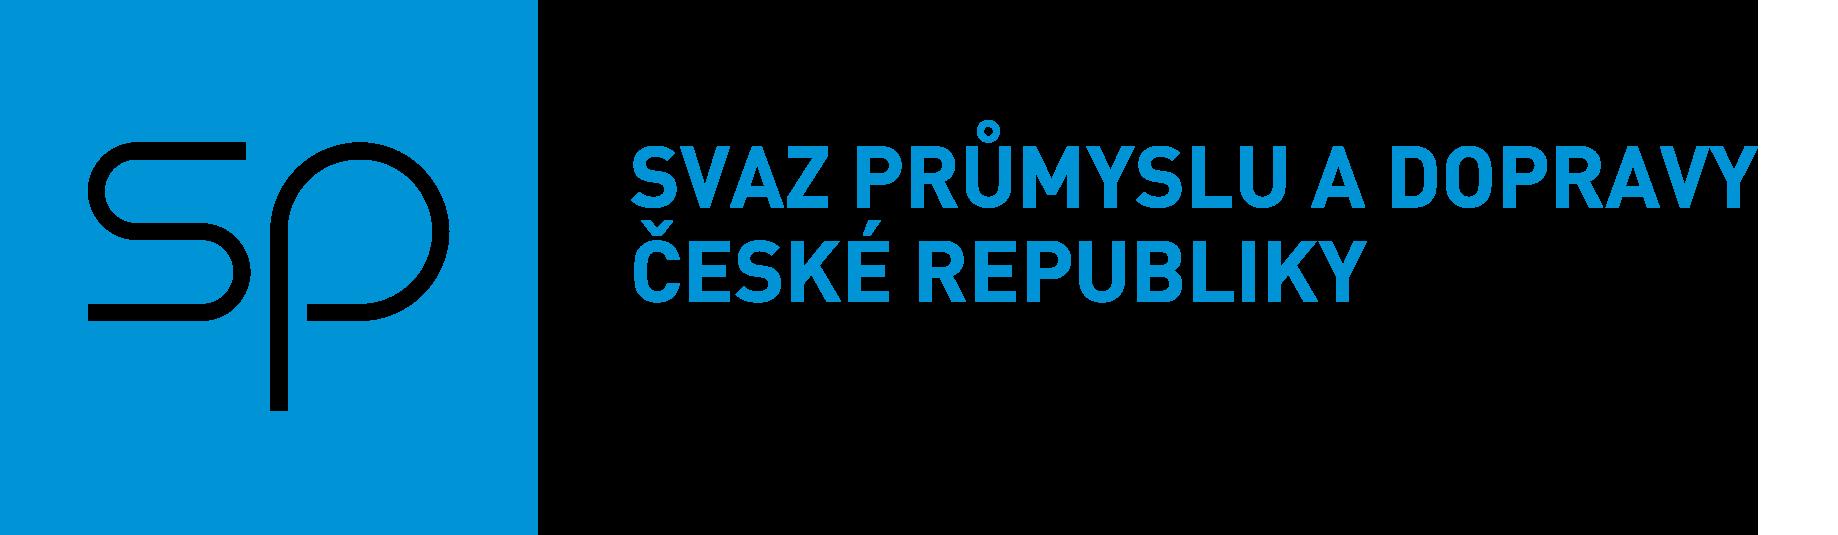 spcr_logo_horizontal_rgb_1.png